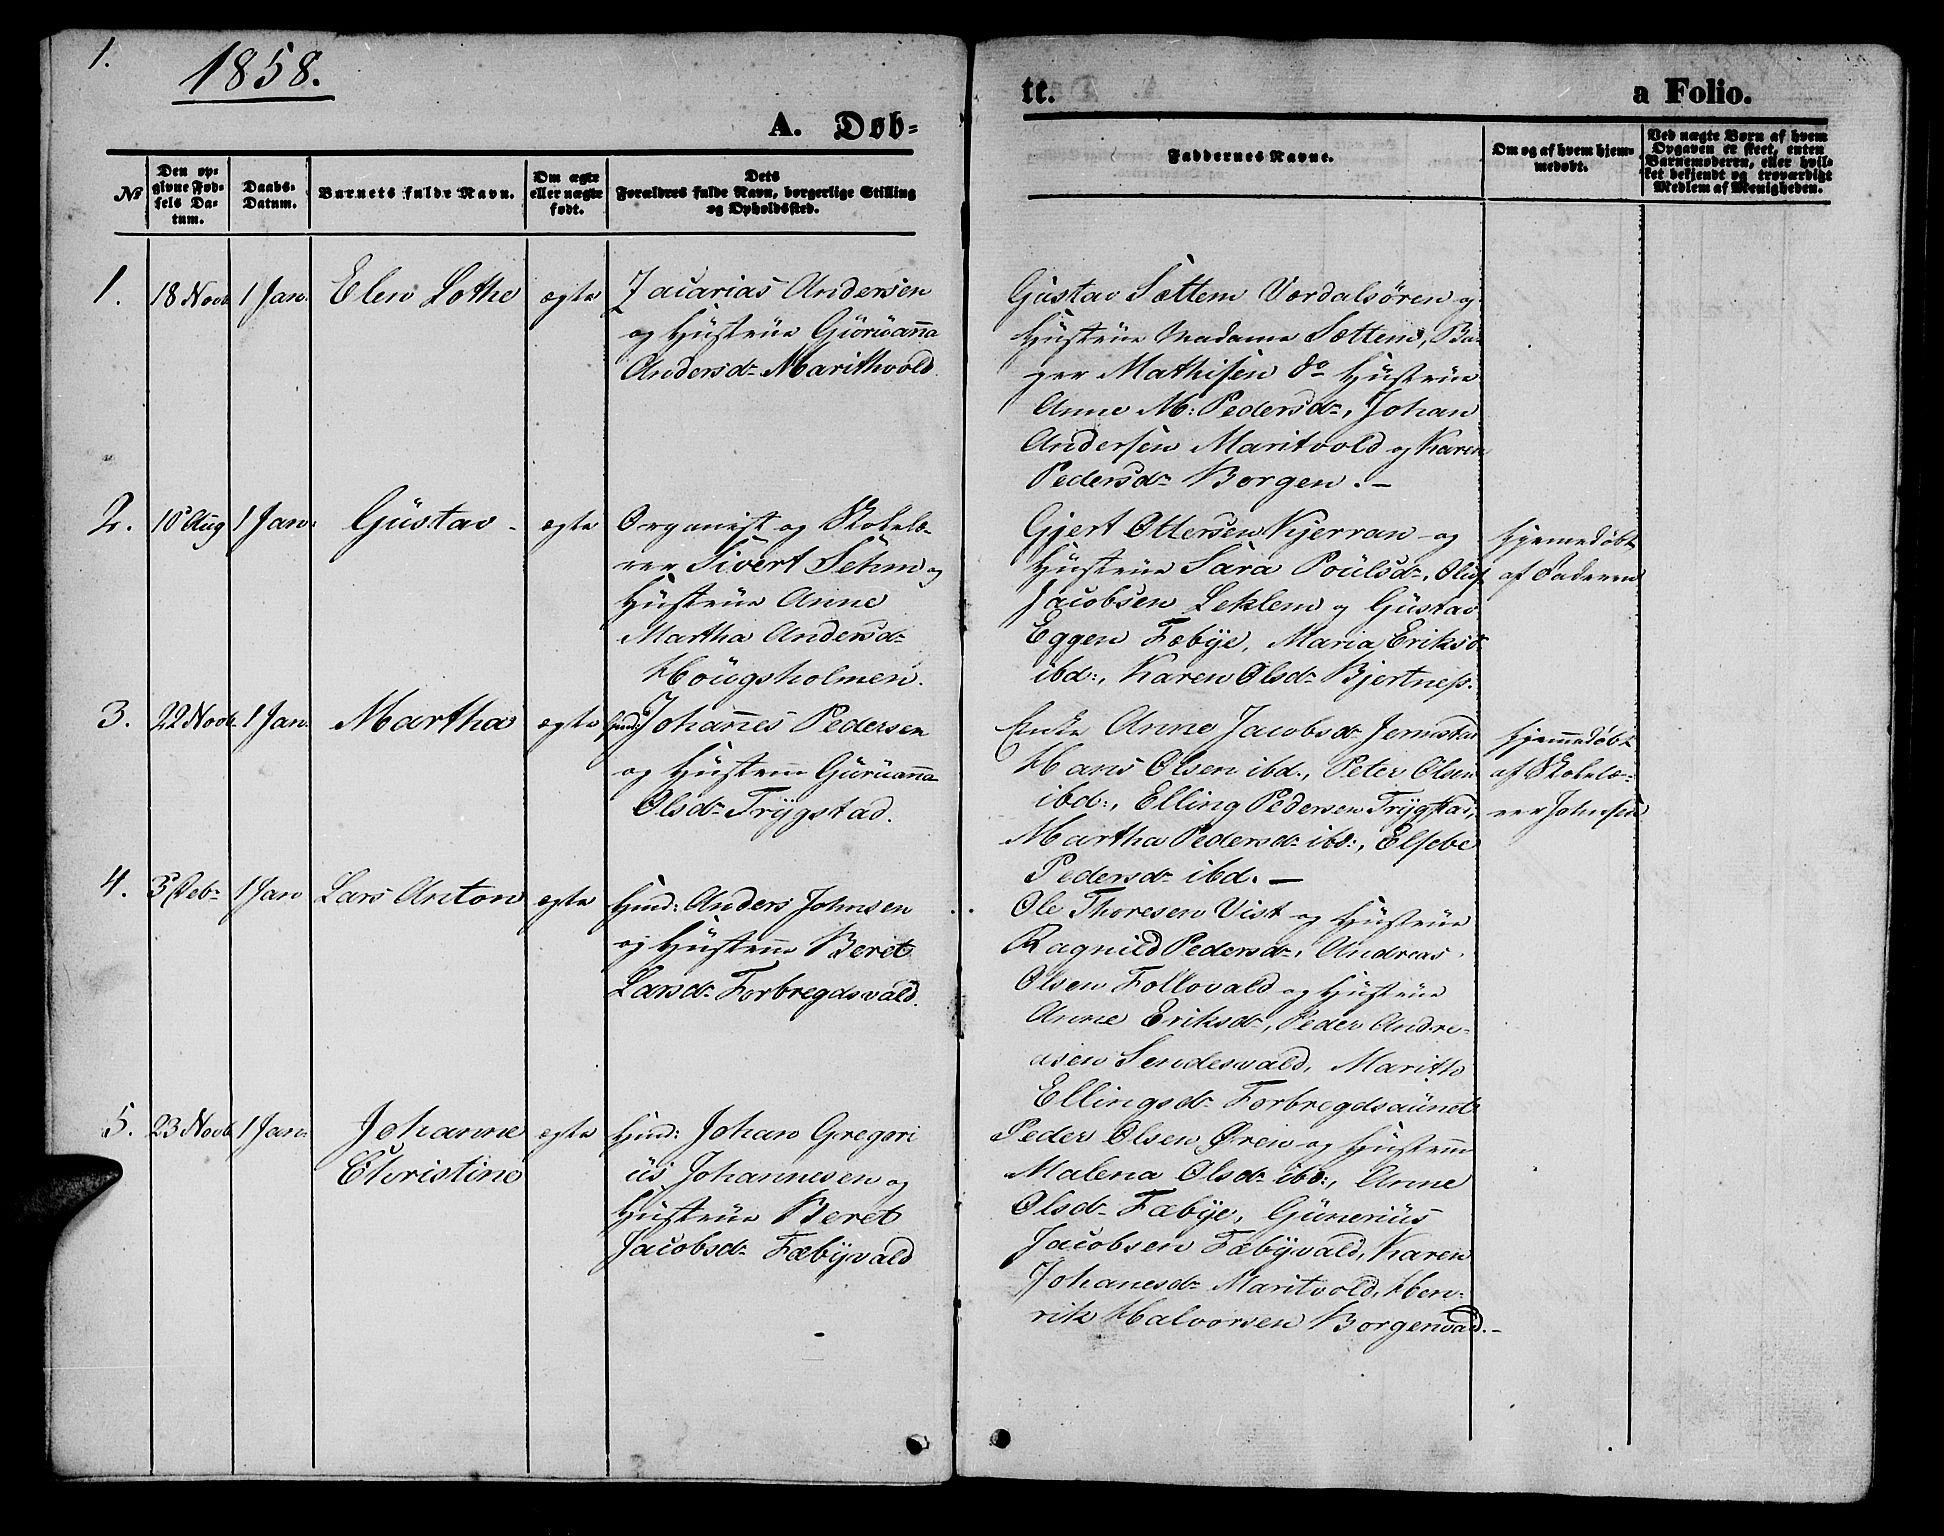 SAT, Ministerialprotokoller, klokkerbøker og fødselsregistre - Nord-Trøndelag, 723/L0254: Klokkerbok nr. 723C02, 1858-1868, s. 1